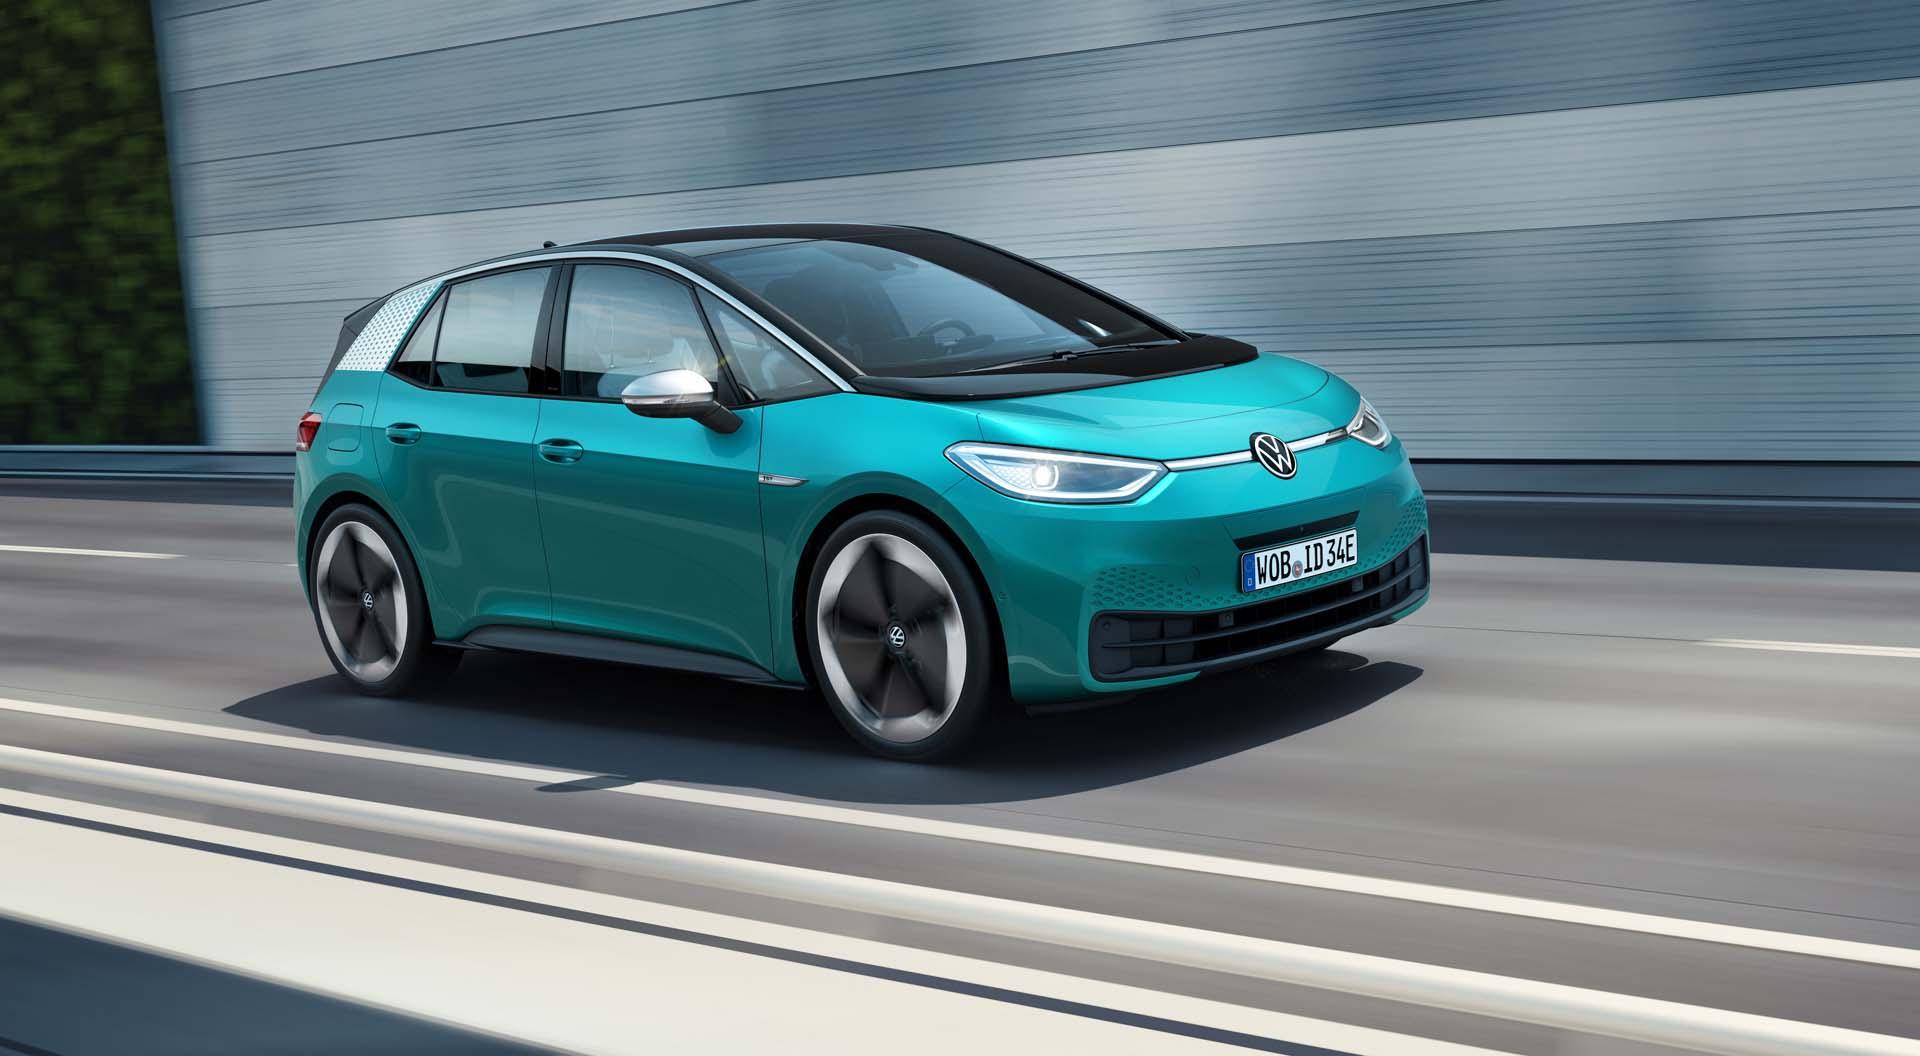 Volkswagen ID.3 electric car gets range-extending rubber